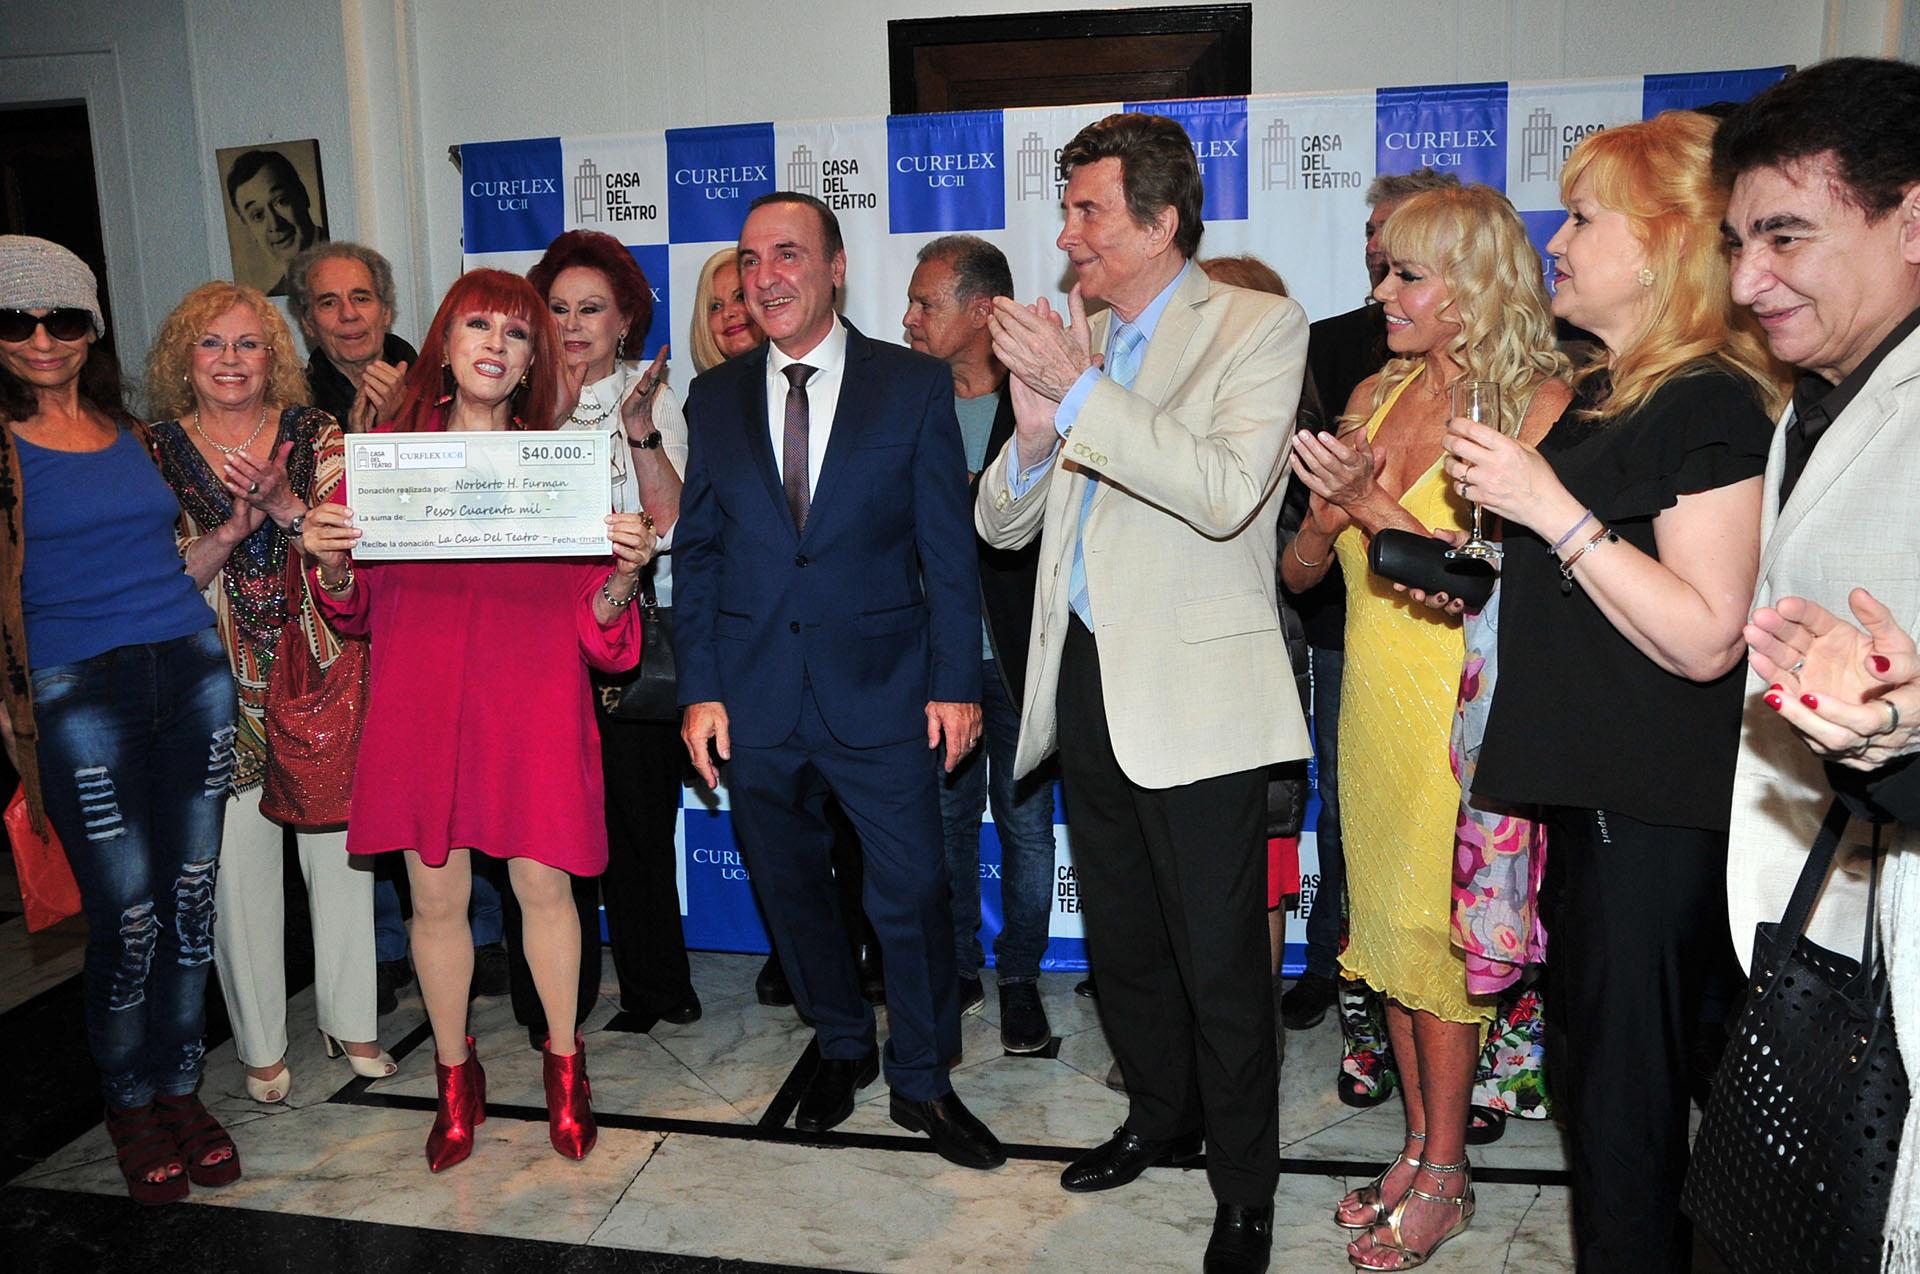 Linda Peretz festejó, junto a un importante grupo de artistas, la donación para la Casa del Teatro (Crédito: Teleshow)